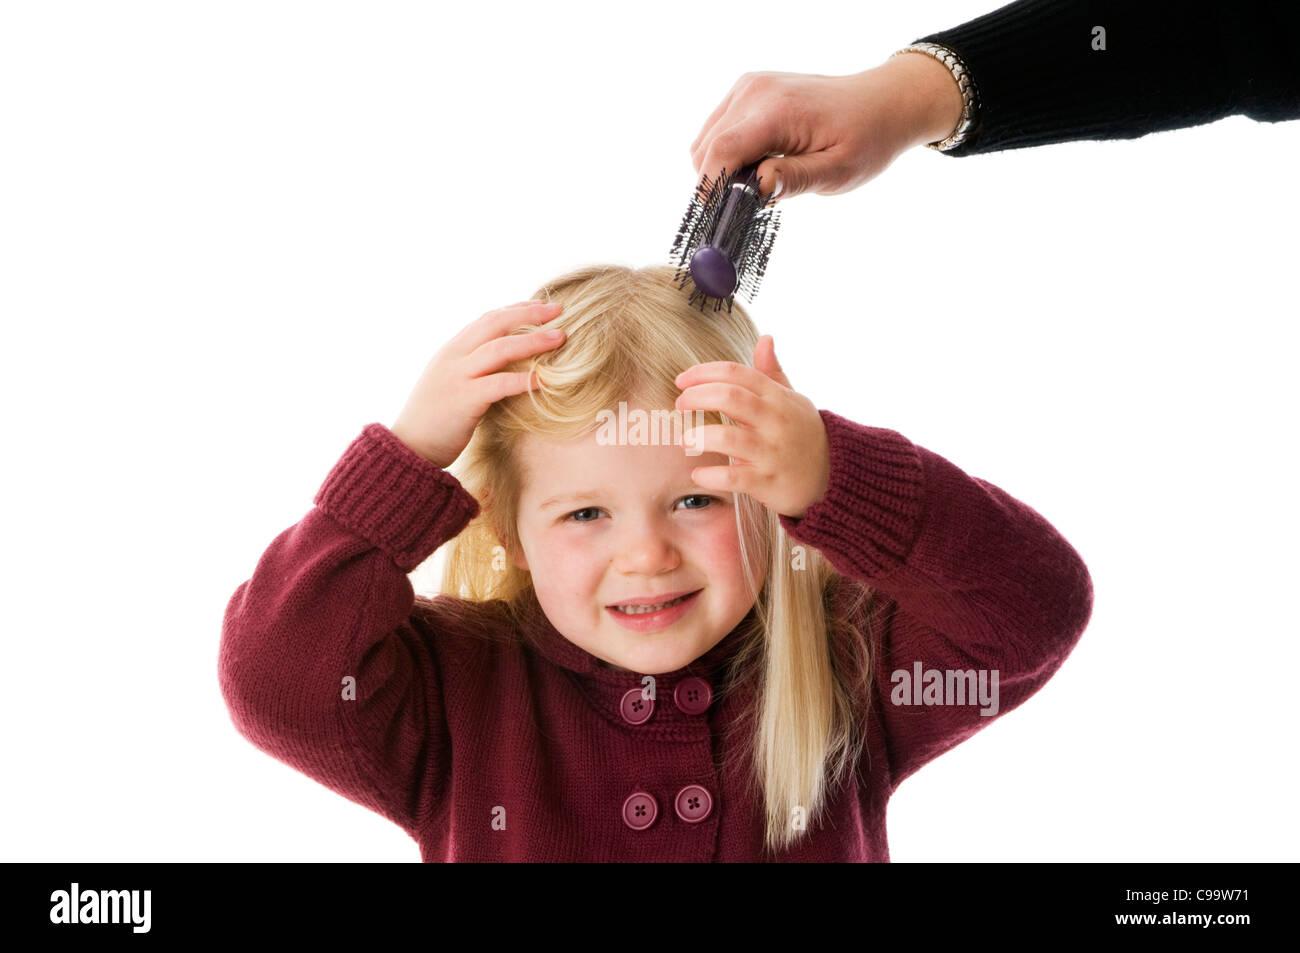 Hair Brush Hairbrush Girl Having Her Brushed Long Blond